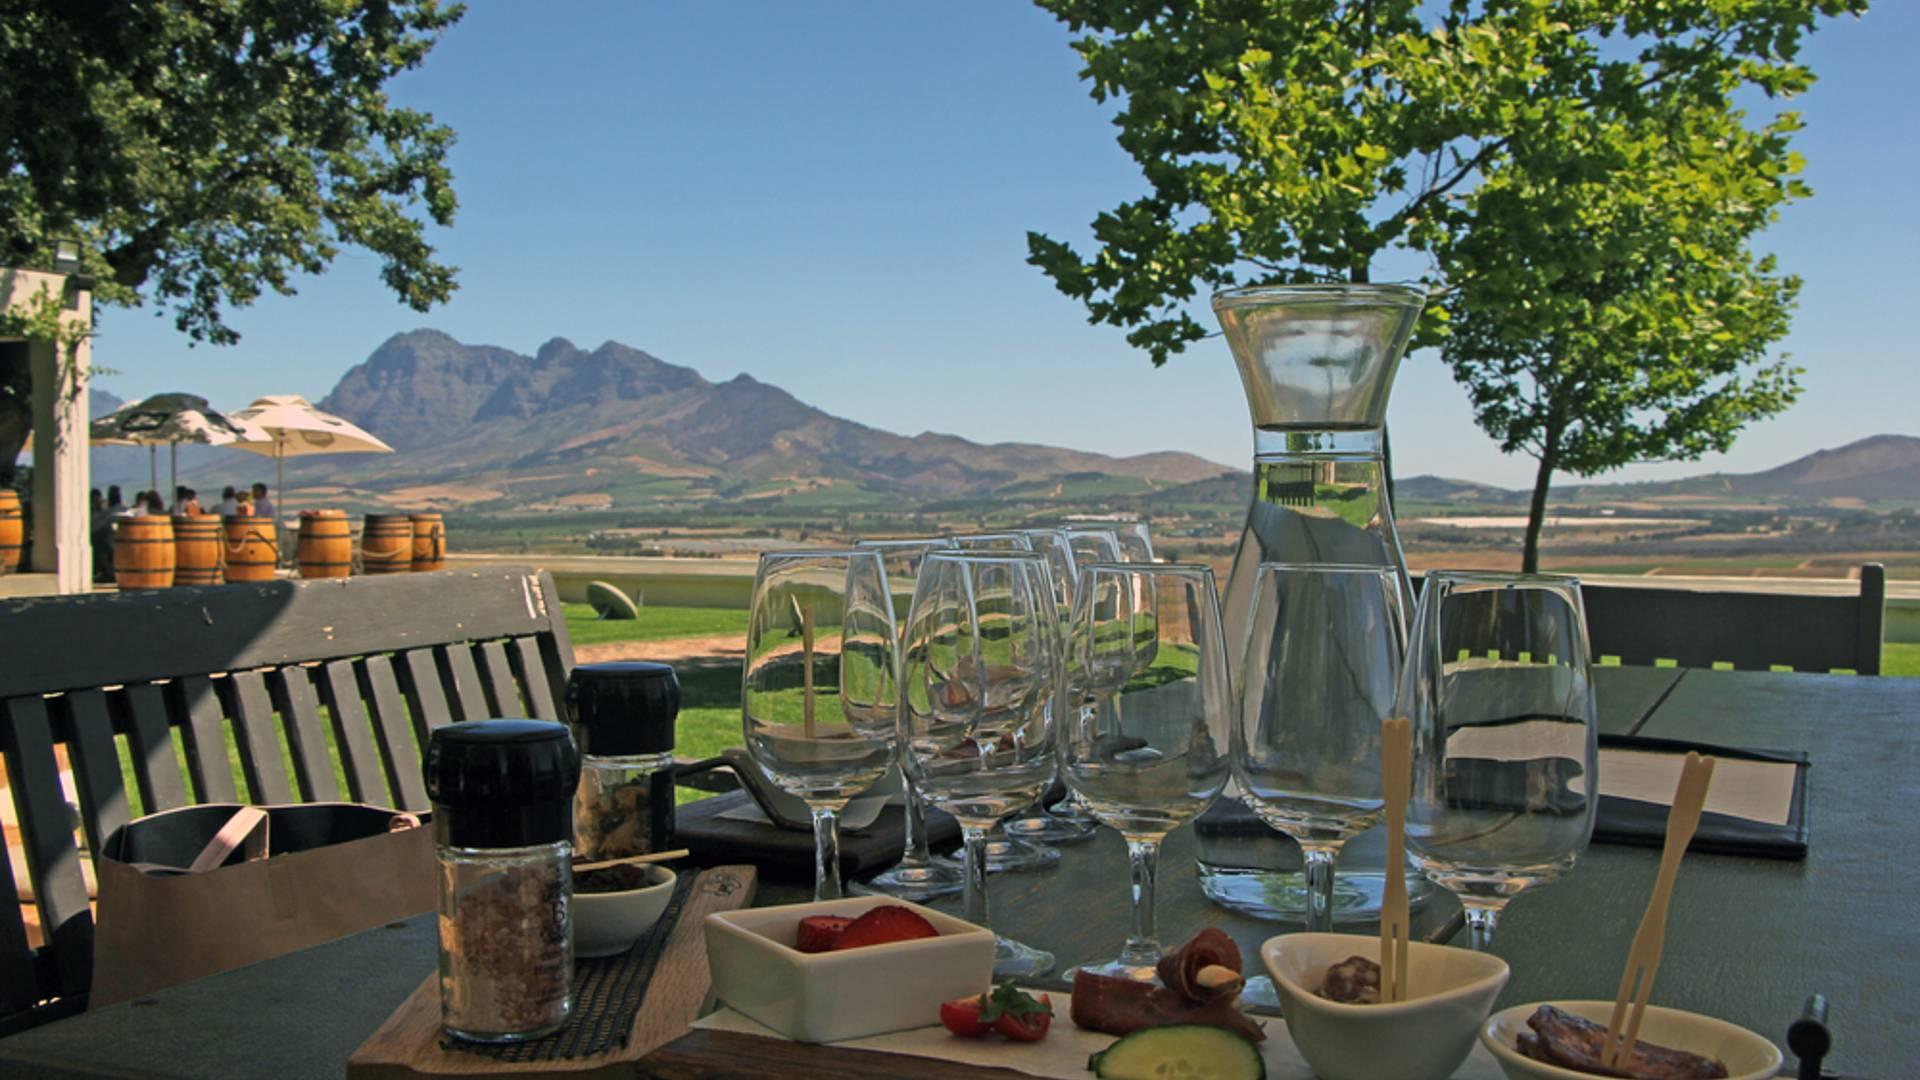 Kultur und Genuss - eine kulinarische Reise durch das Kap